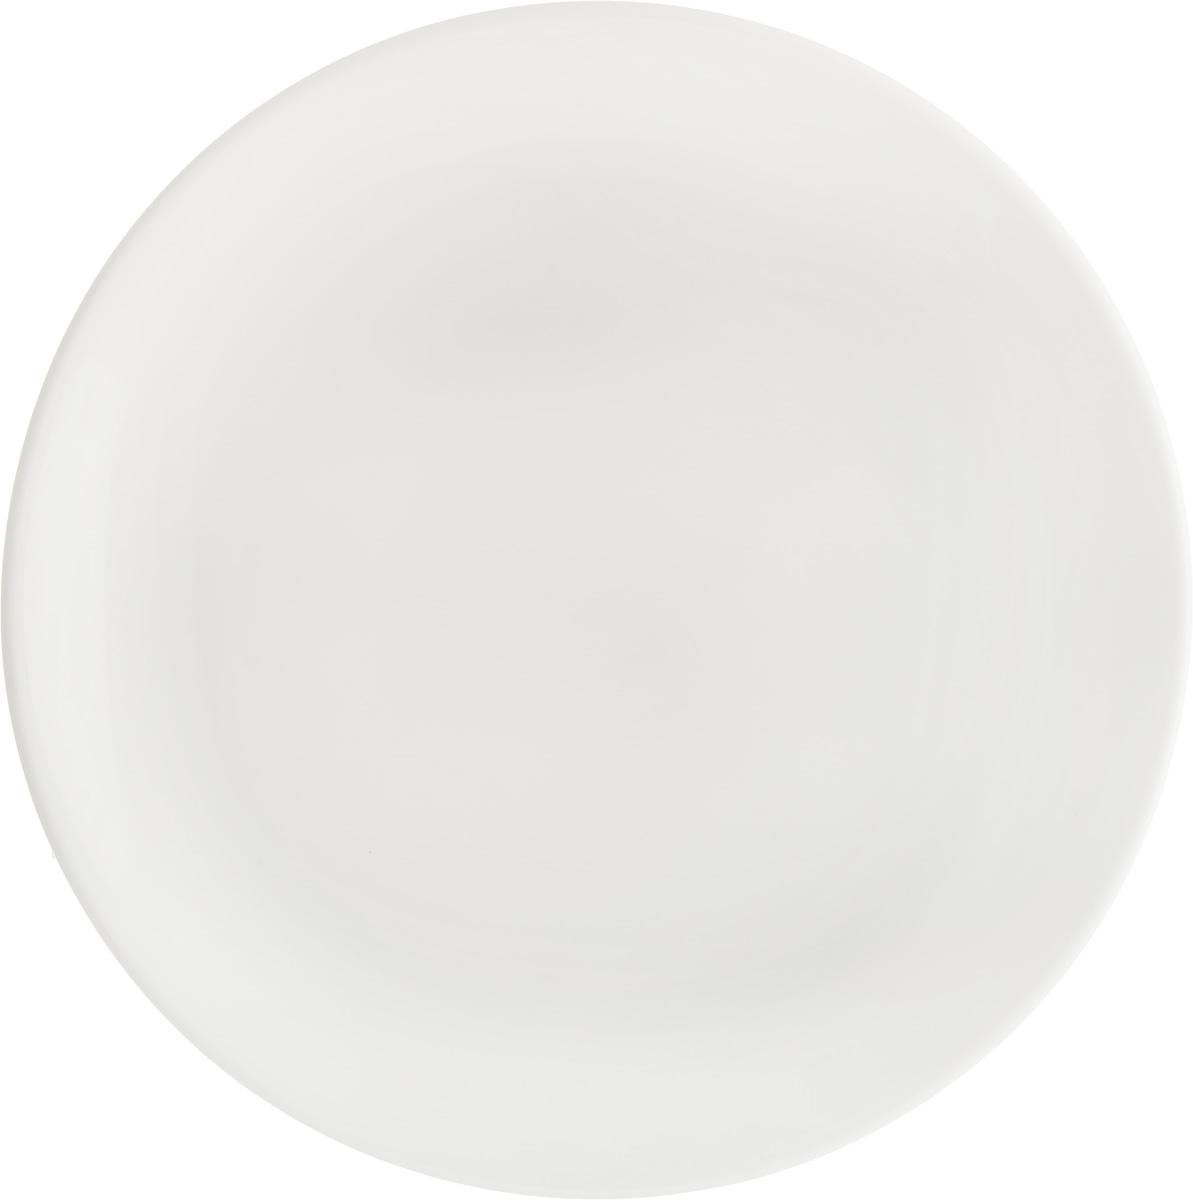 Тарелка Ariane Коуп, диаметр 18 см. AVCARN1101854 009312Тарелка Ariane Коуп, изготовленная из высококачественного фарфора, имеет классическую круглую форму. Такая тарелка отлично подойдет в качестве блюда для закусок и нарезок, а также для подачи различных десертов. Изделие прекрасно впишется в интерьер вашей кухни и станет достойным дополнением к кухонному инвентарю. Тарелка Ariane Коуп подчеркнет прекрасный вкус хозяйки и станет отличным подарком.Можно мыть в посудомоечной машине и использовать в микроволновой печи. Высота: 1,5 см.Диаметр тарелки: 18 см.